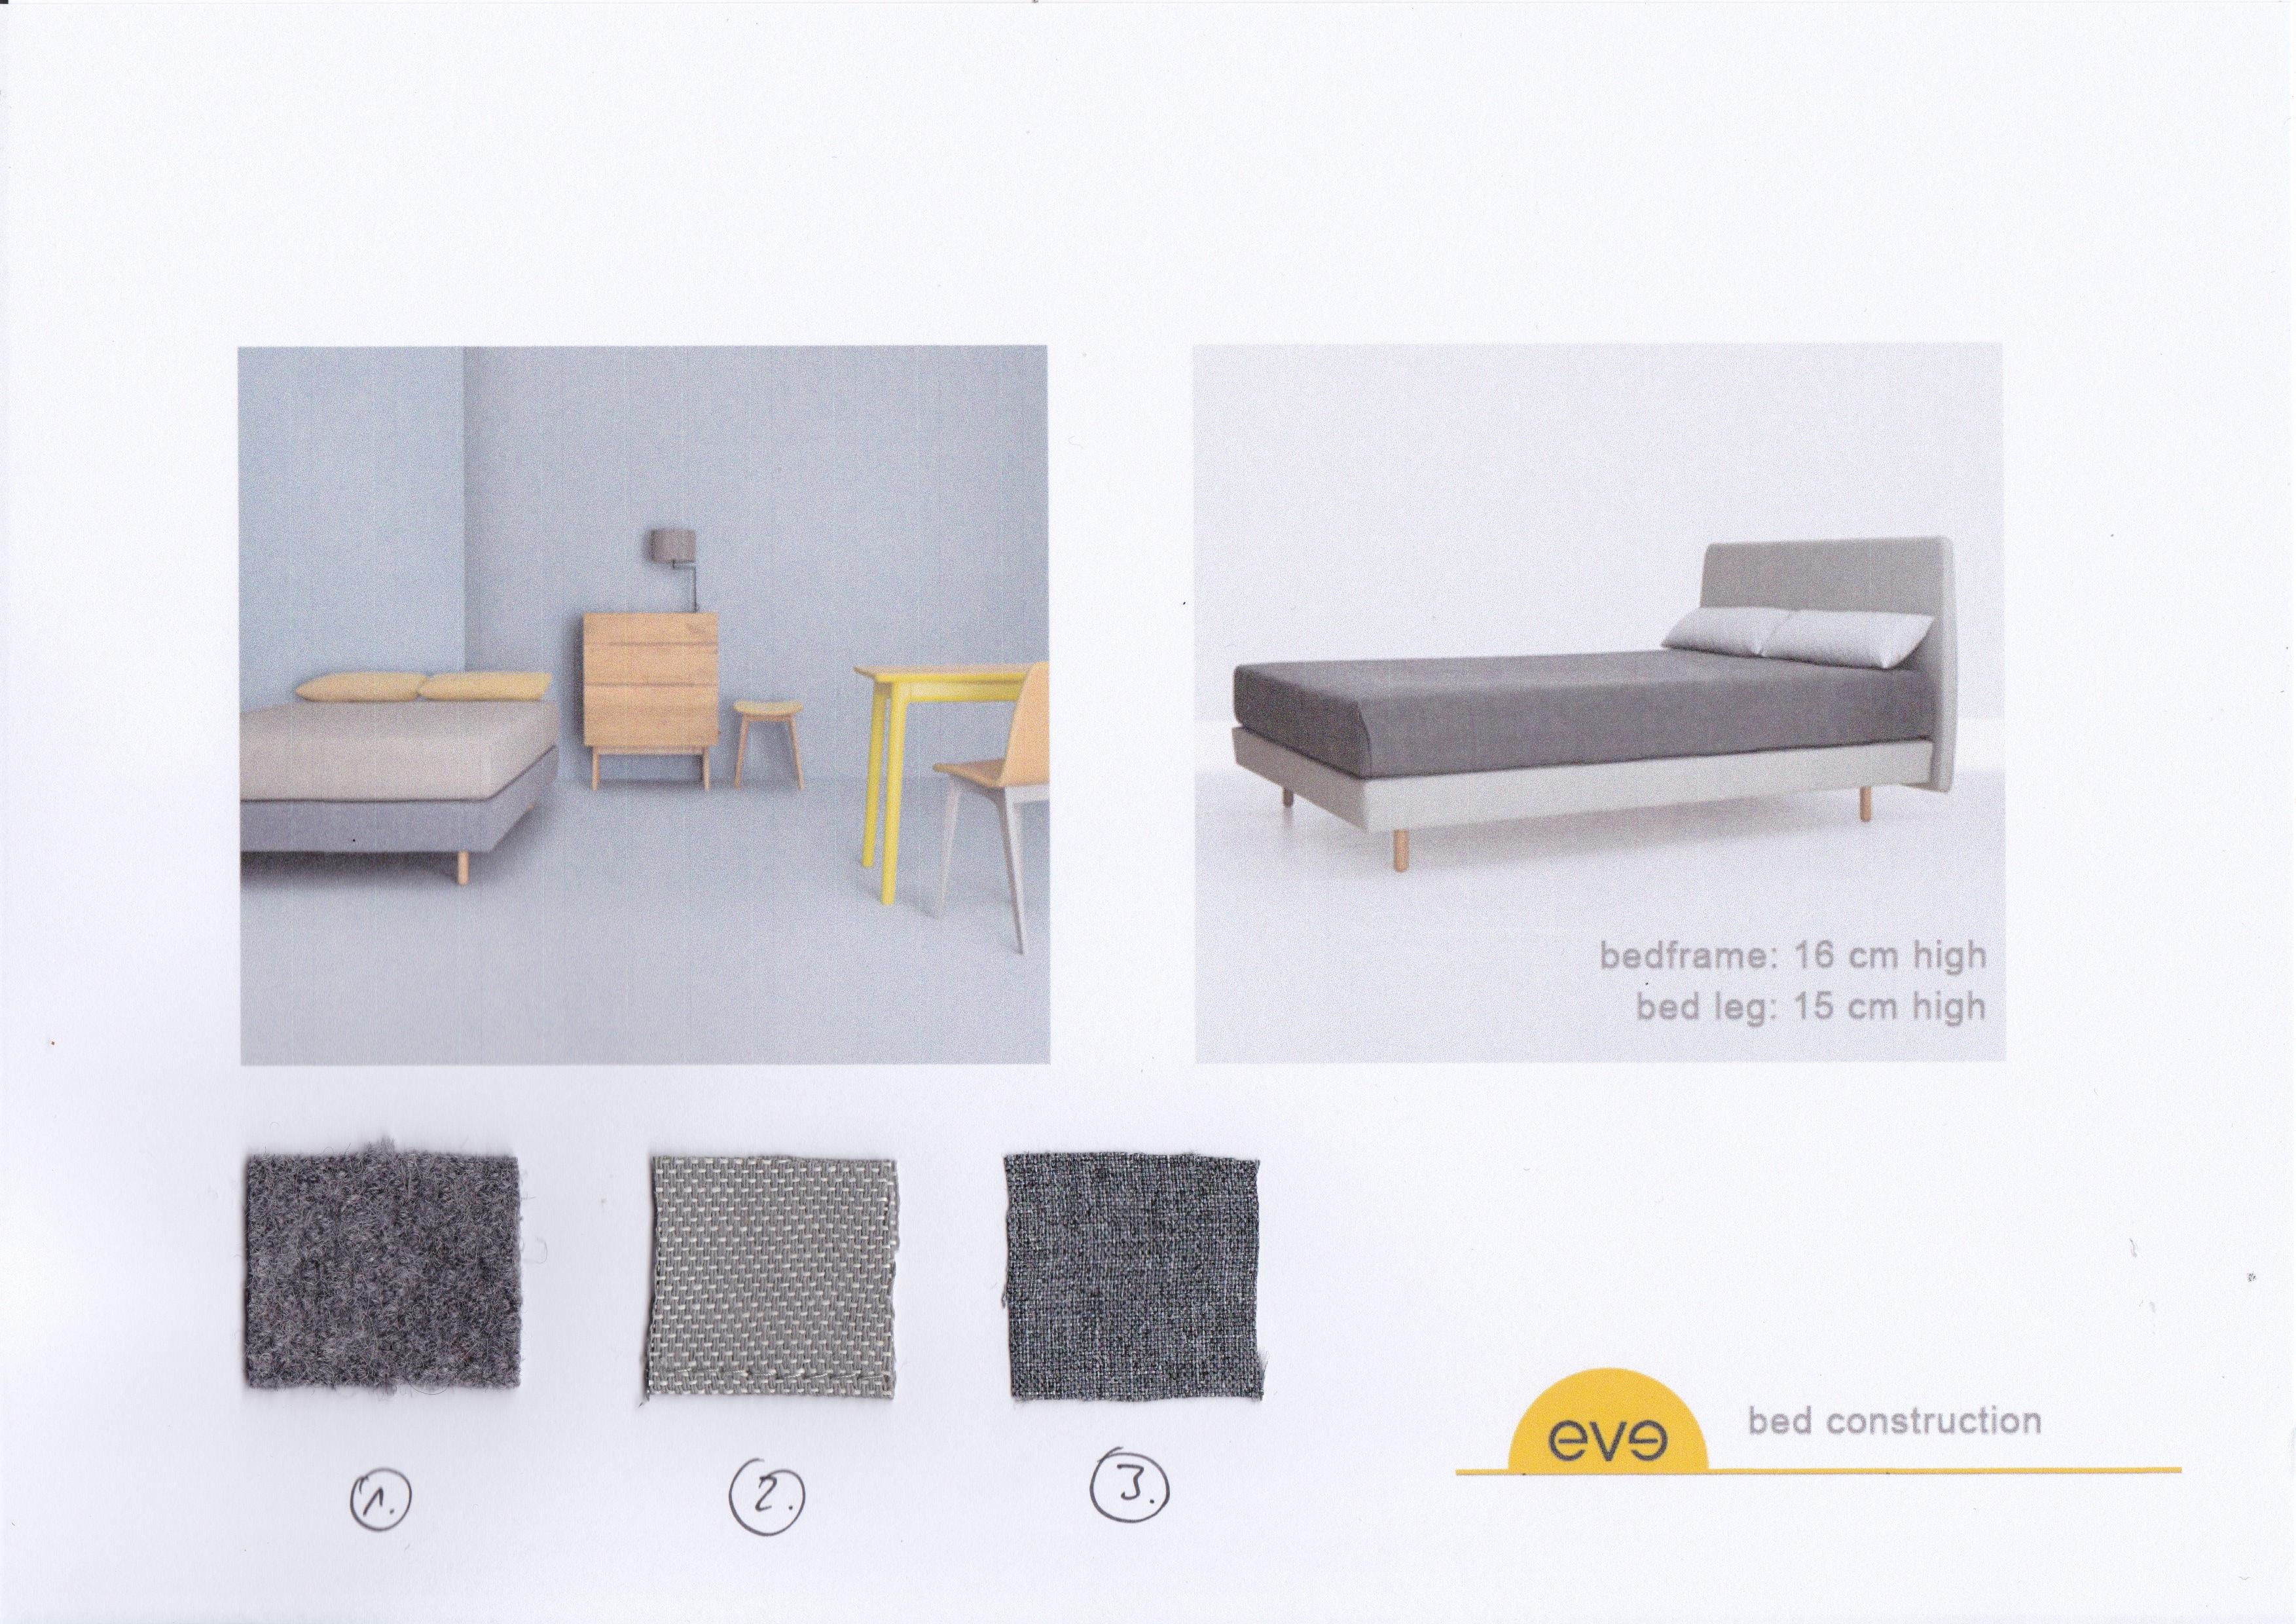 bed-construction-eve-matratzen-carsten-lippstock-filmwerkstatt-muenchen